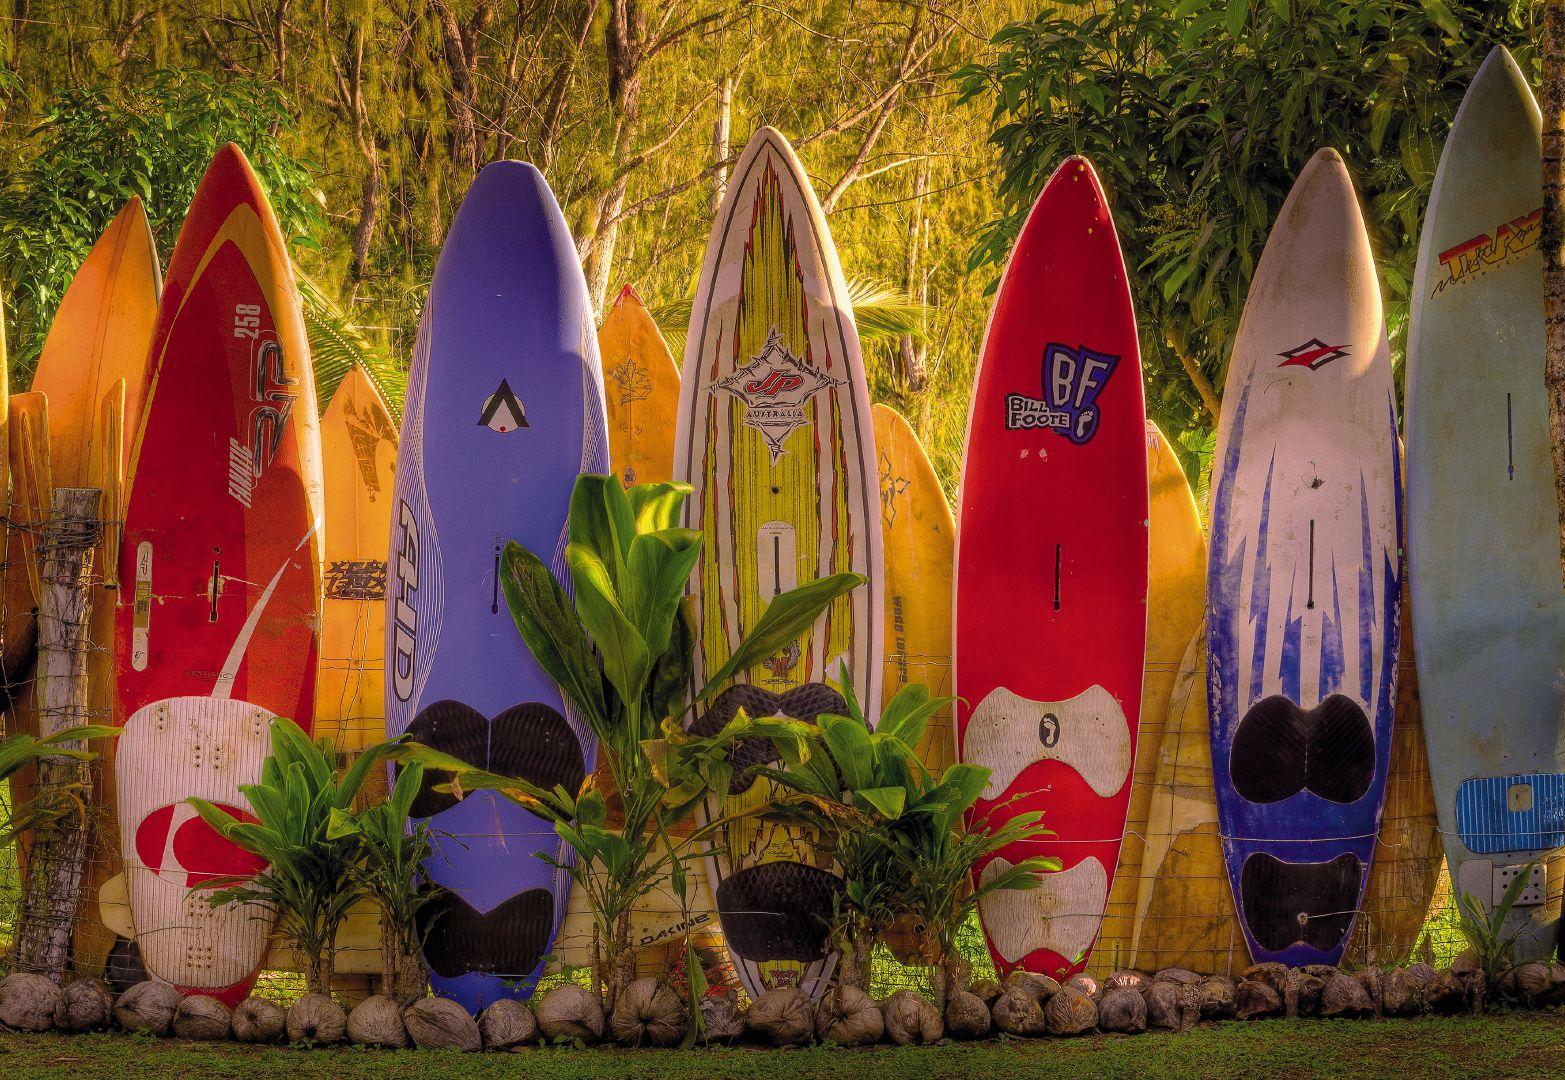 Fototapeta na zeď Maui 8-902 (8-dílná fototapeta)